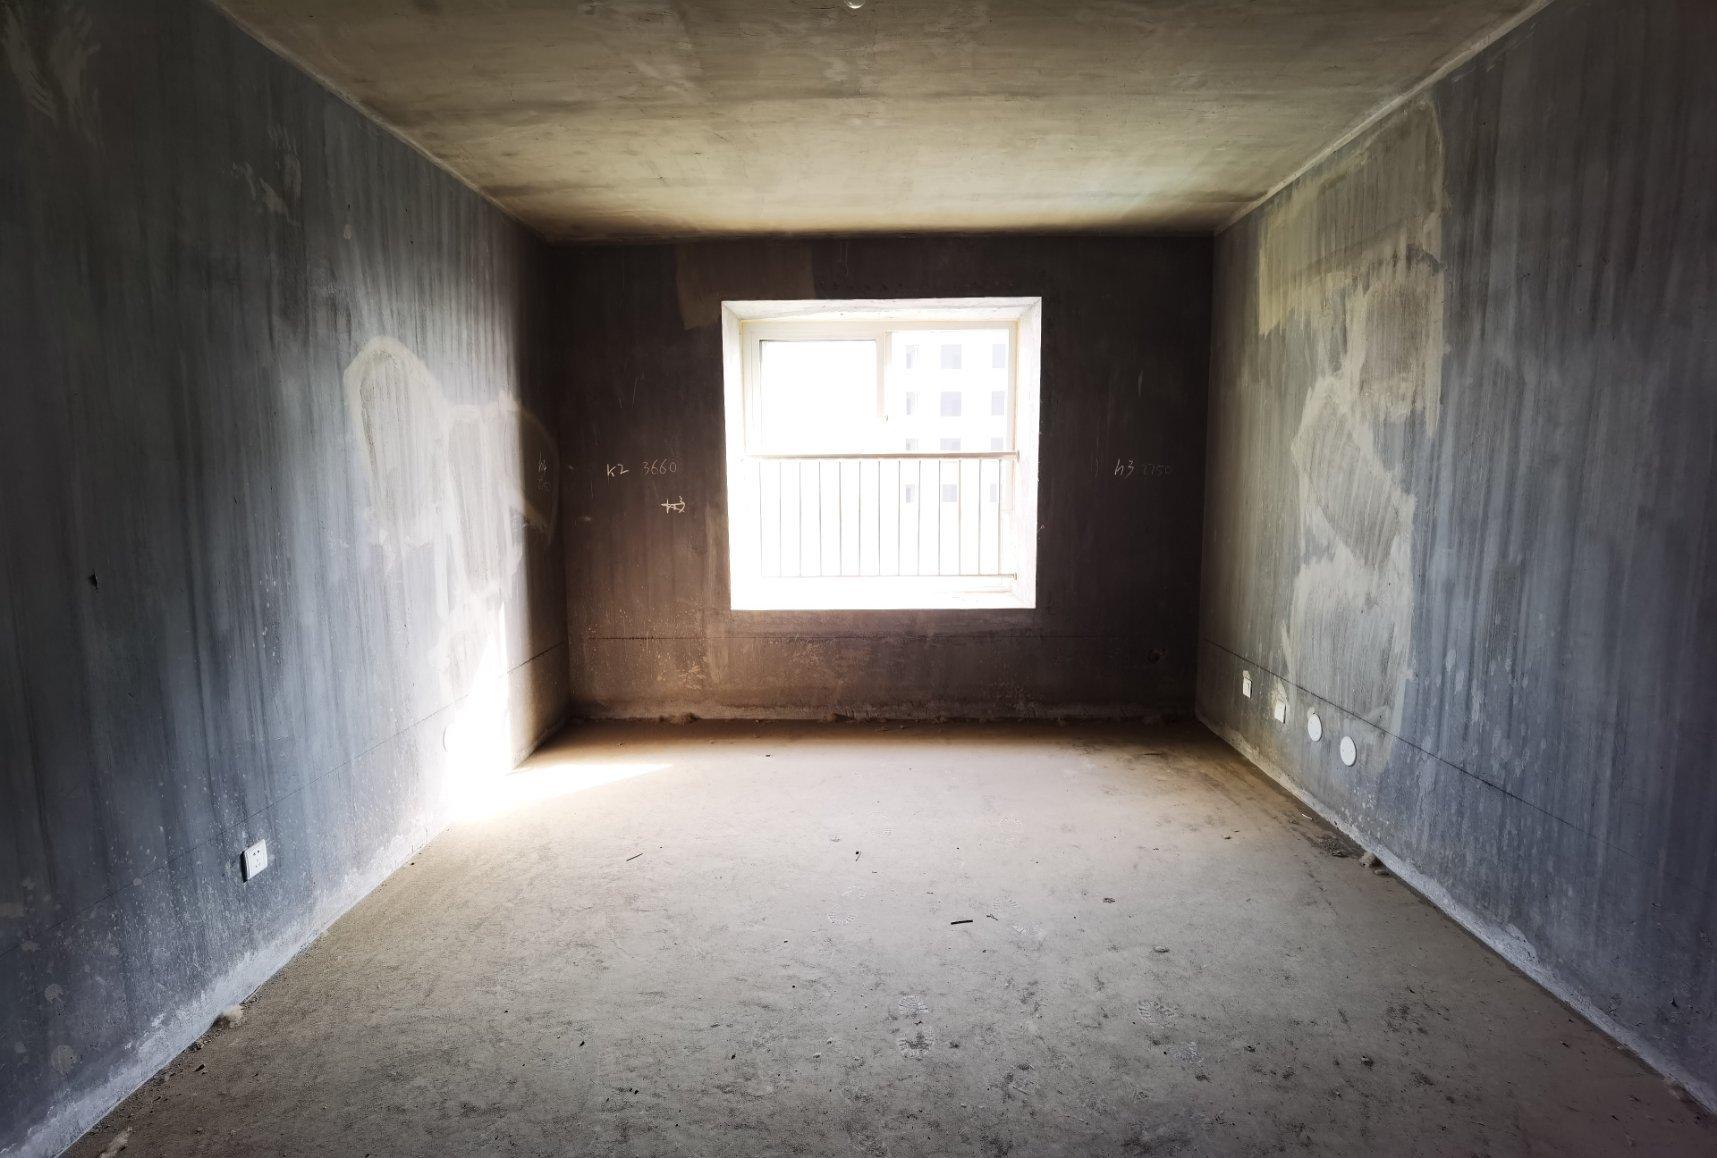 二院 都市名城 毛坯3室 109平 三面采光 有钥匙